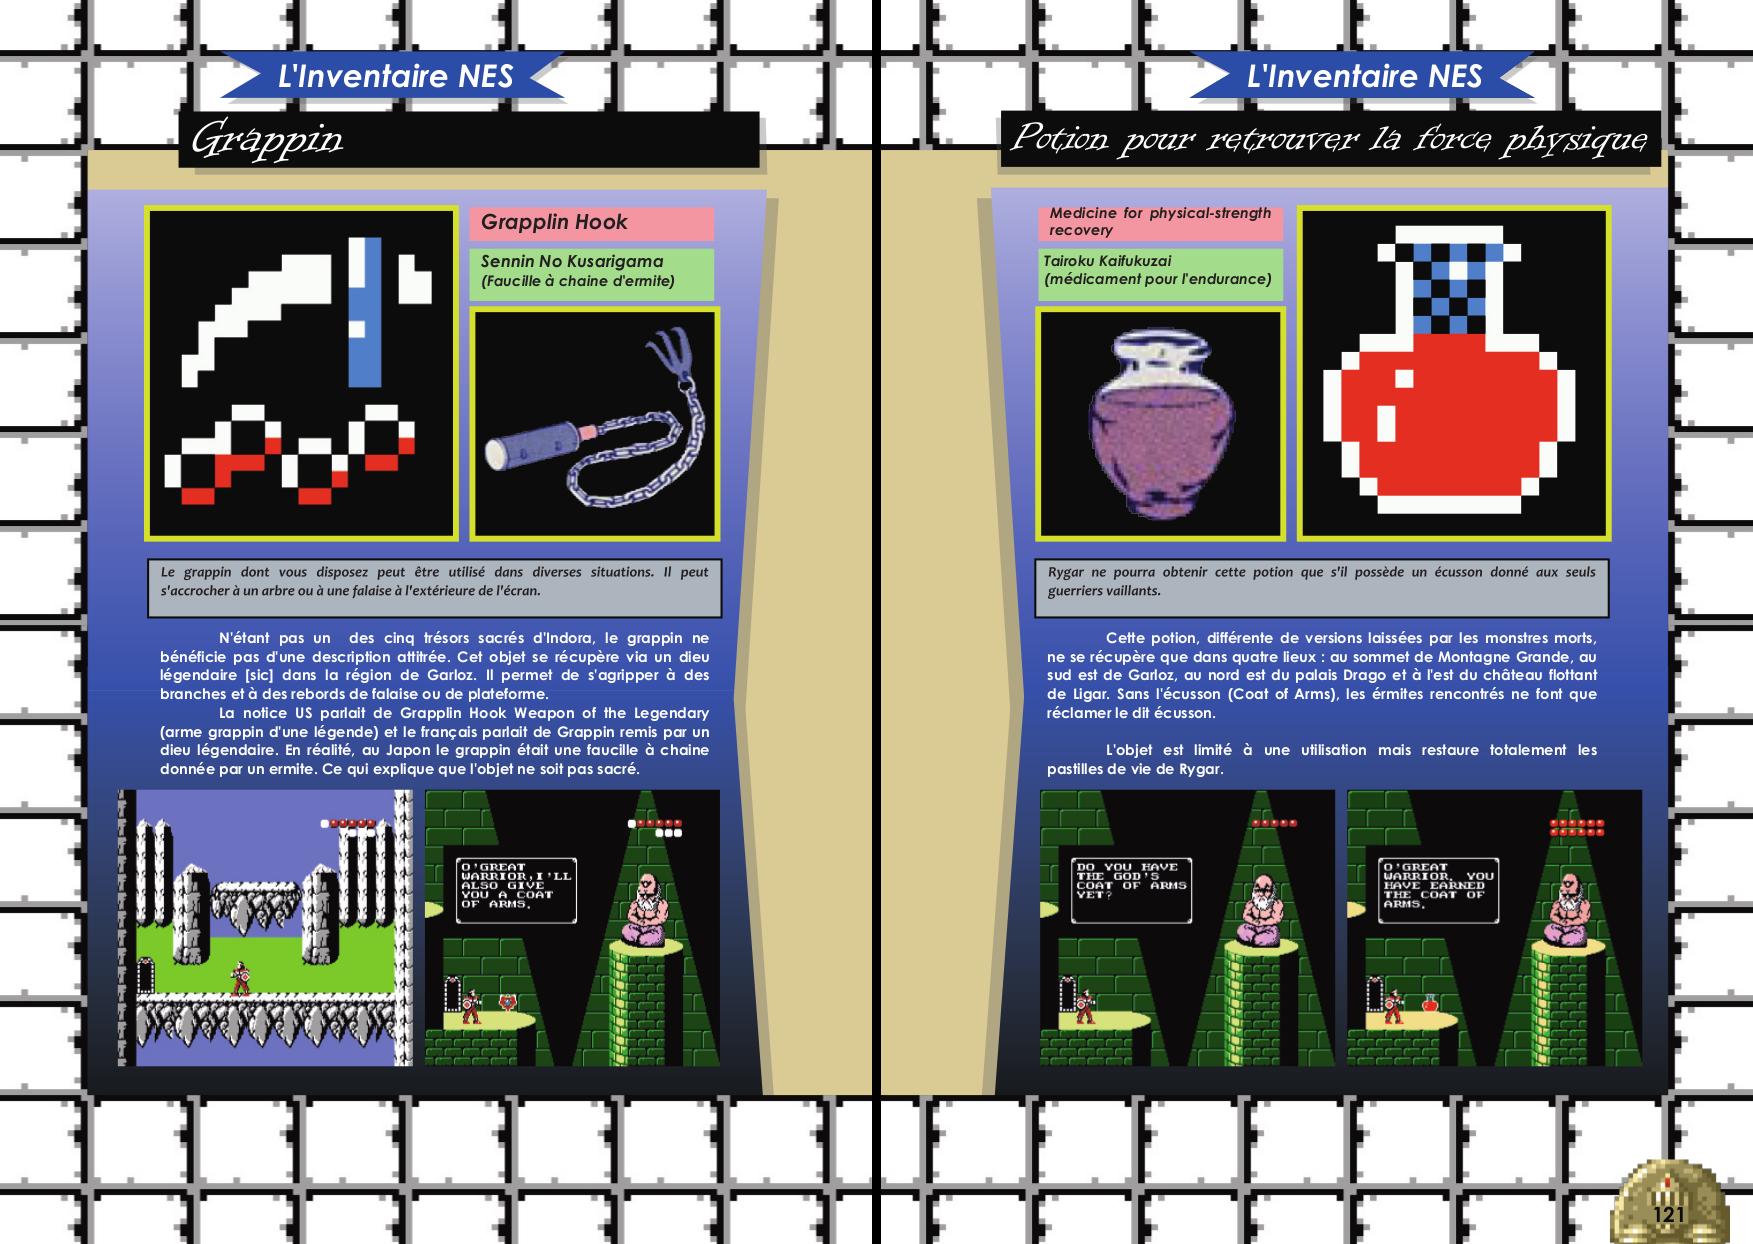 Livre sur Rygar Arcade, Nes avec inventaire de Côté Gamers